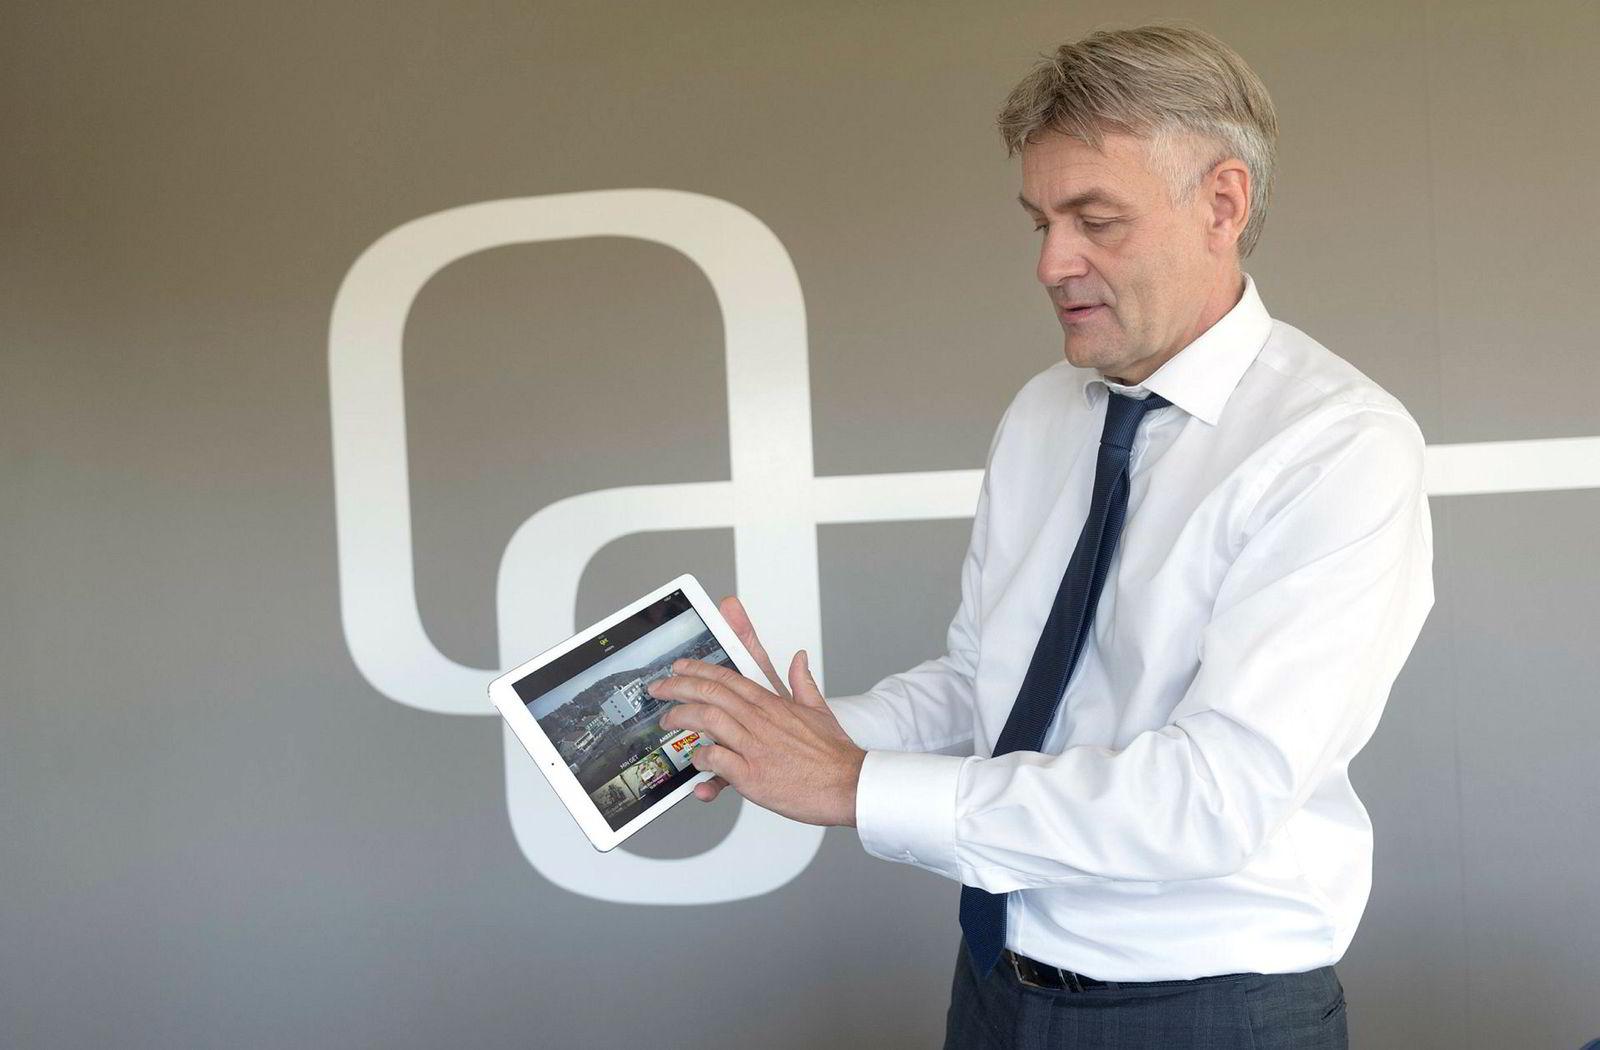 – Avtalen med Telia er langsiktig noe som trigger oss til å bygge ut nettet videre, sier administrerende direktør Gunnar Evensen i TDC Norge.